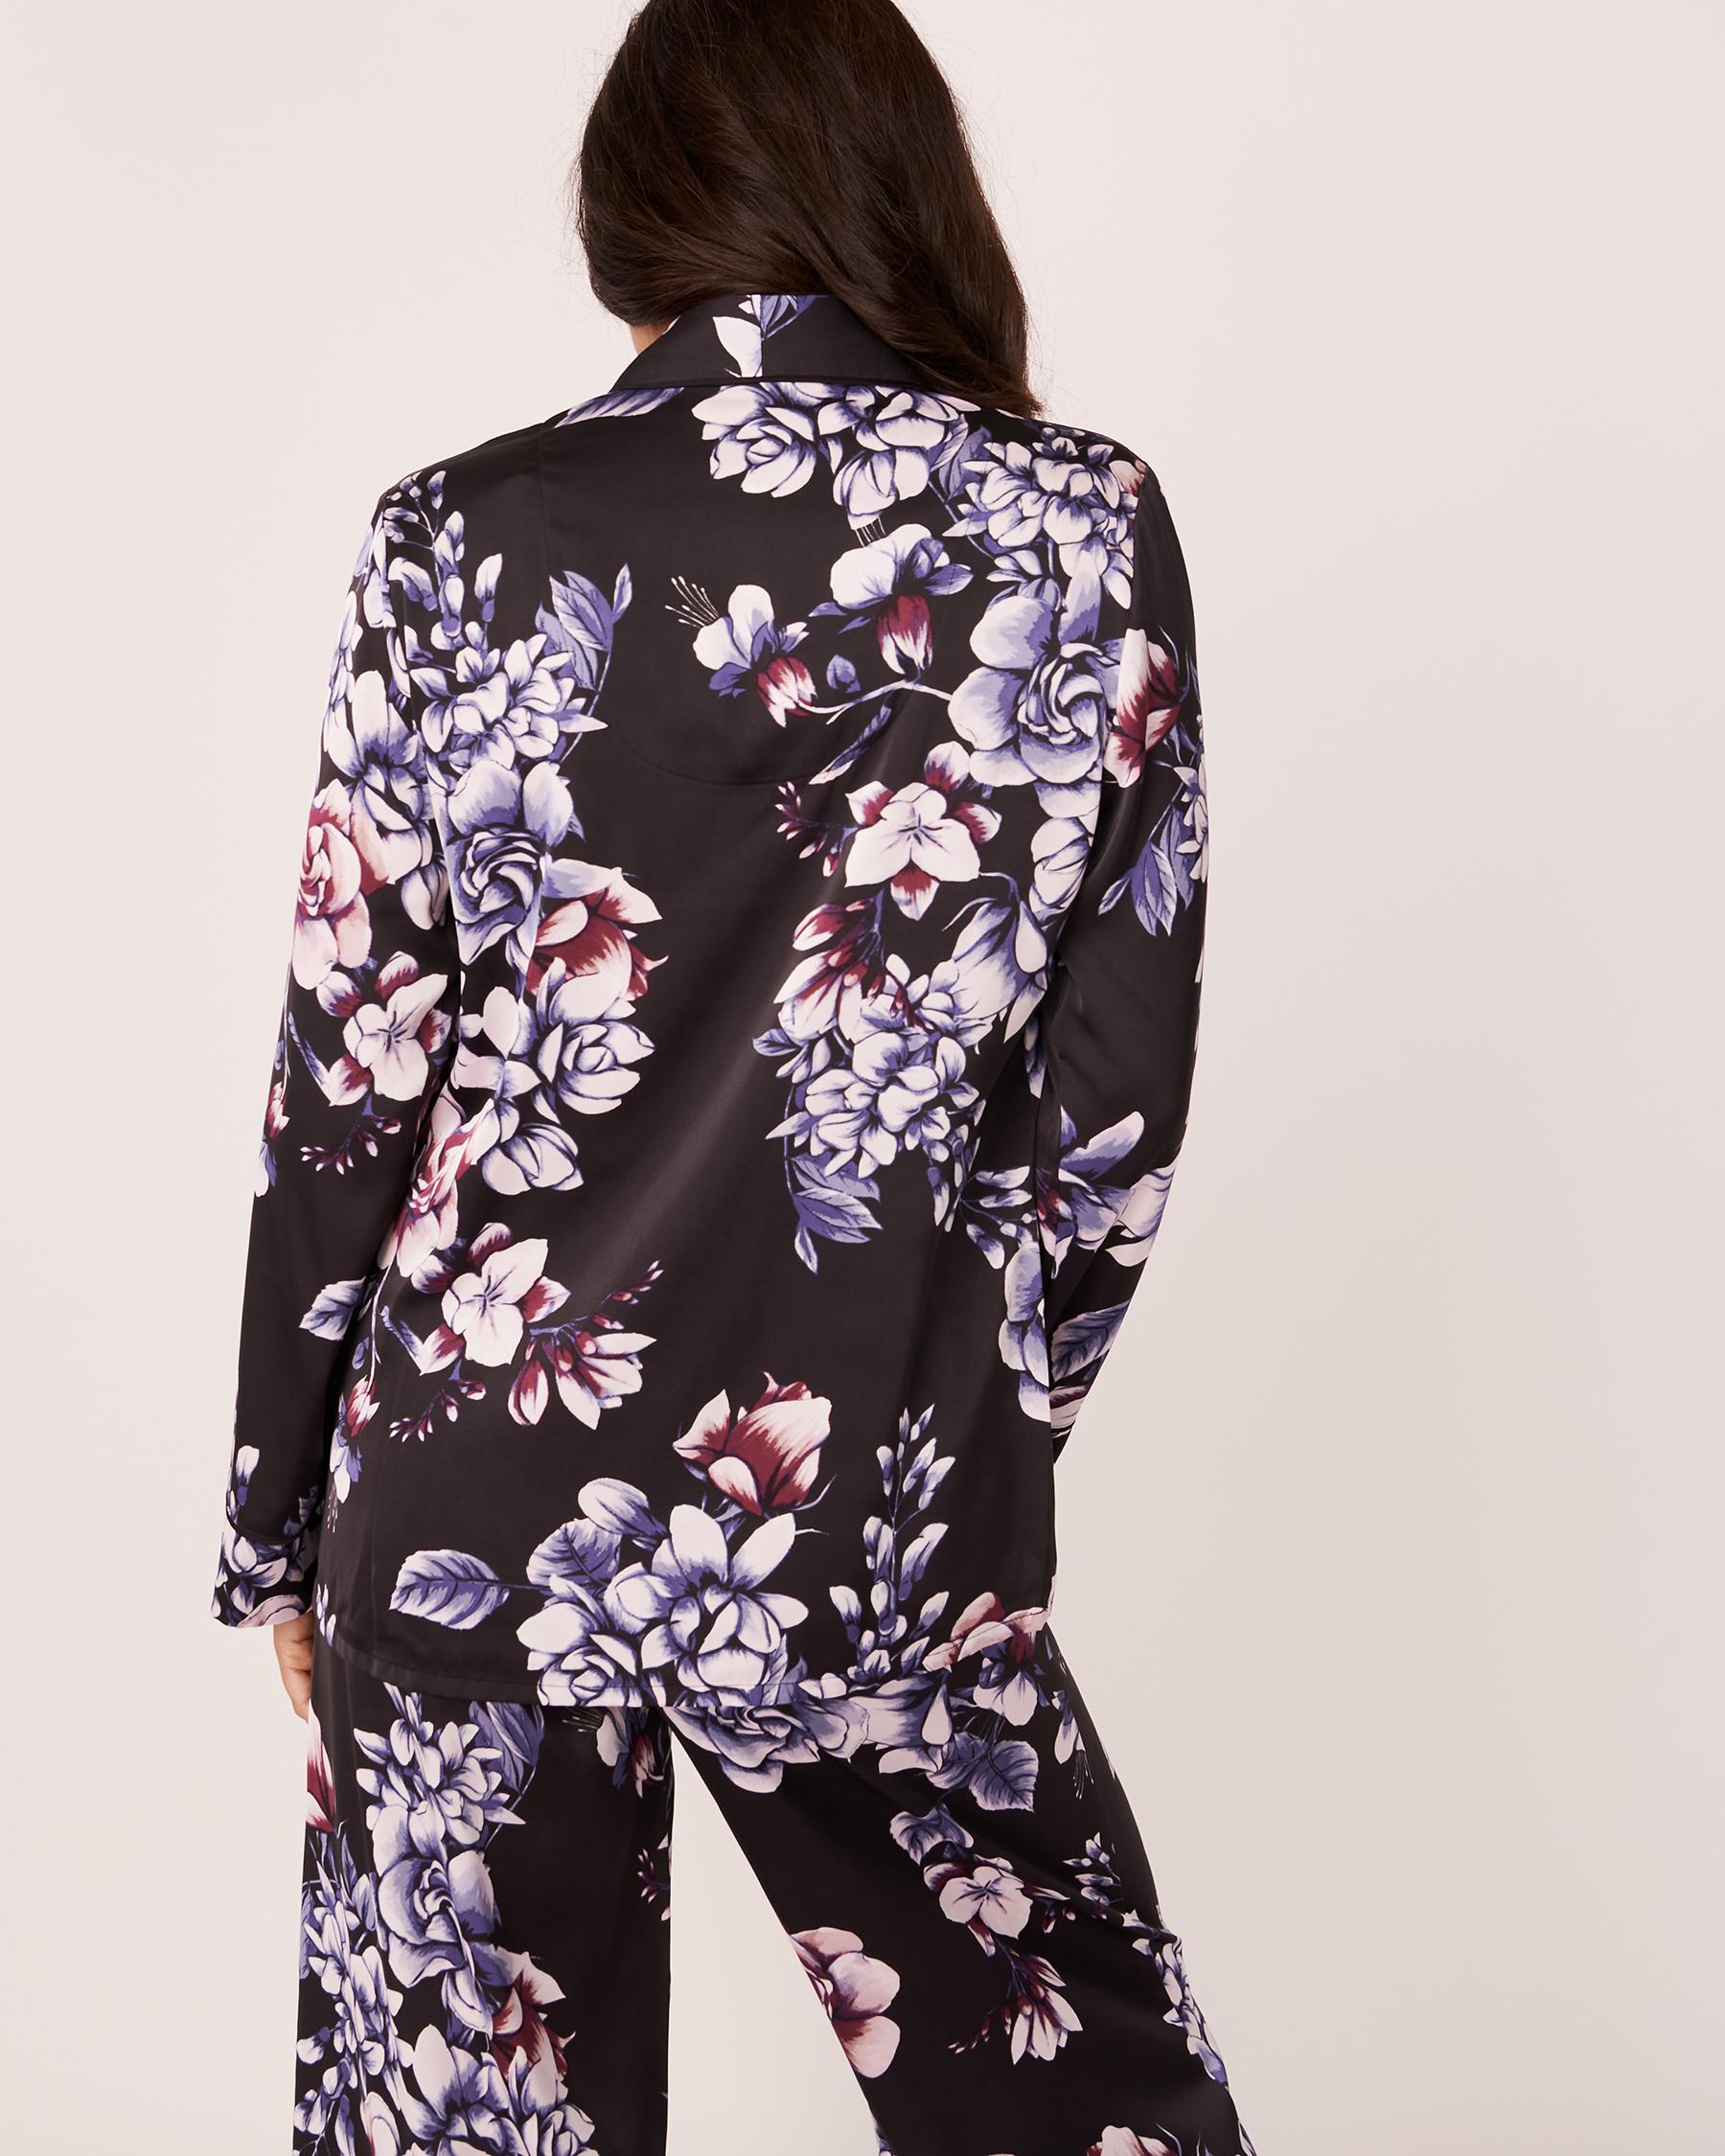 LA VIE EN ROSE Satin Long Sleeve Shirt Watercolor florals 60100003 - View2